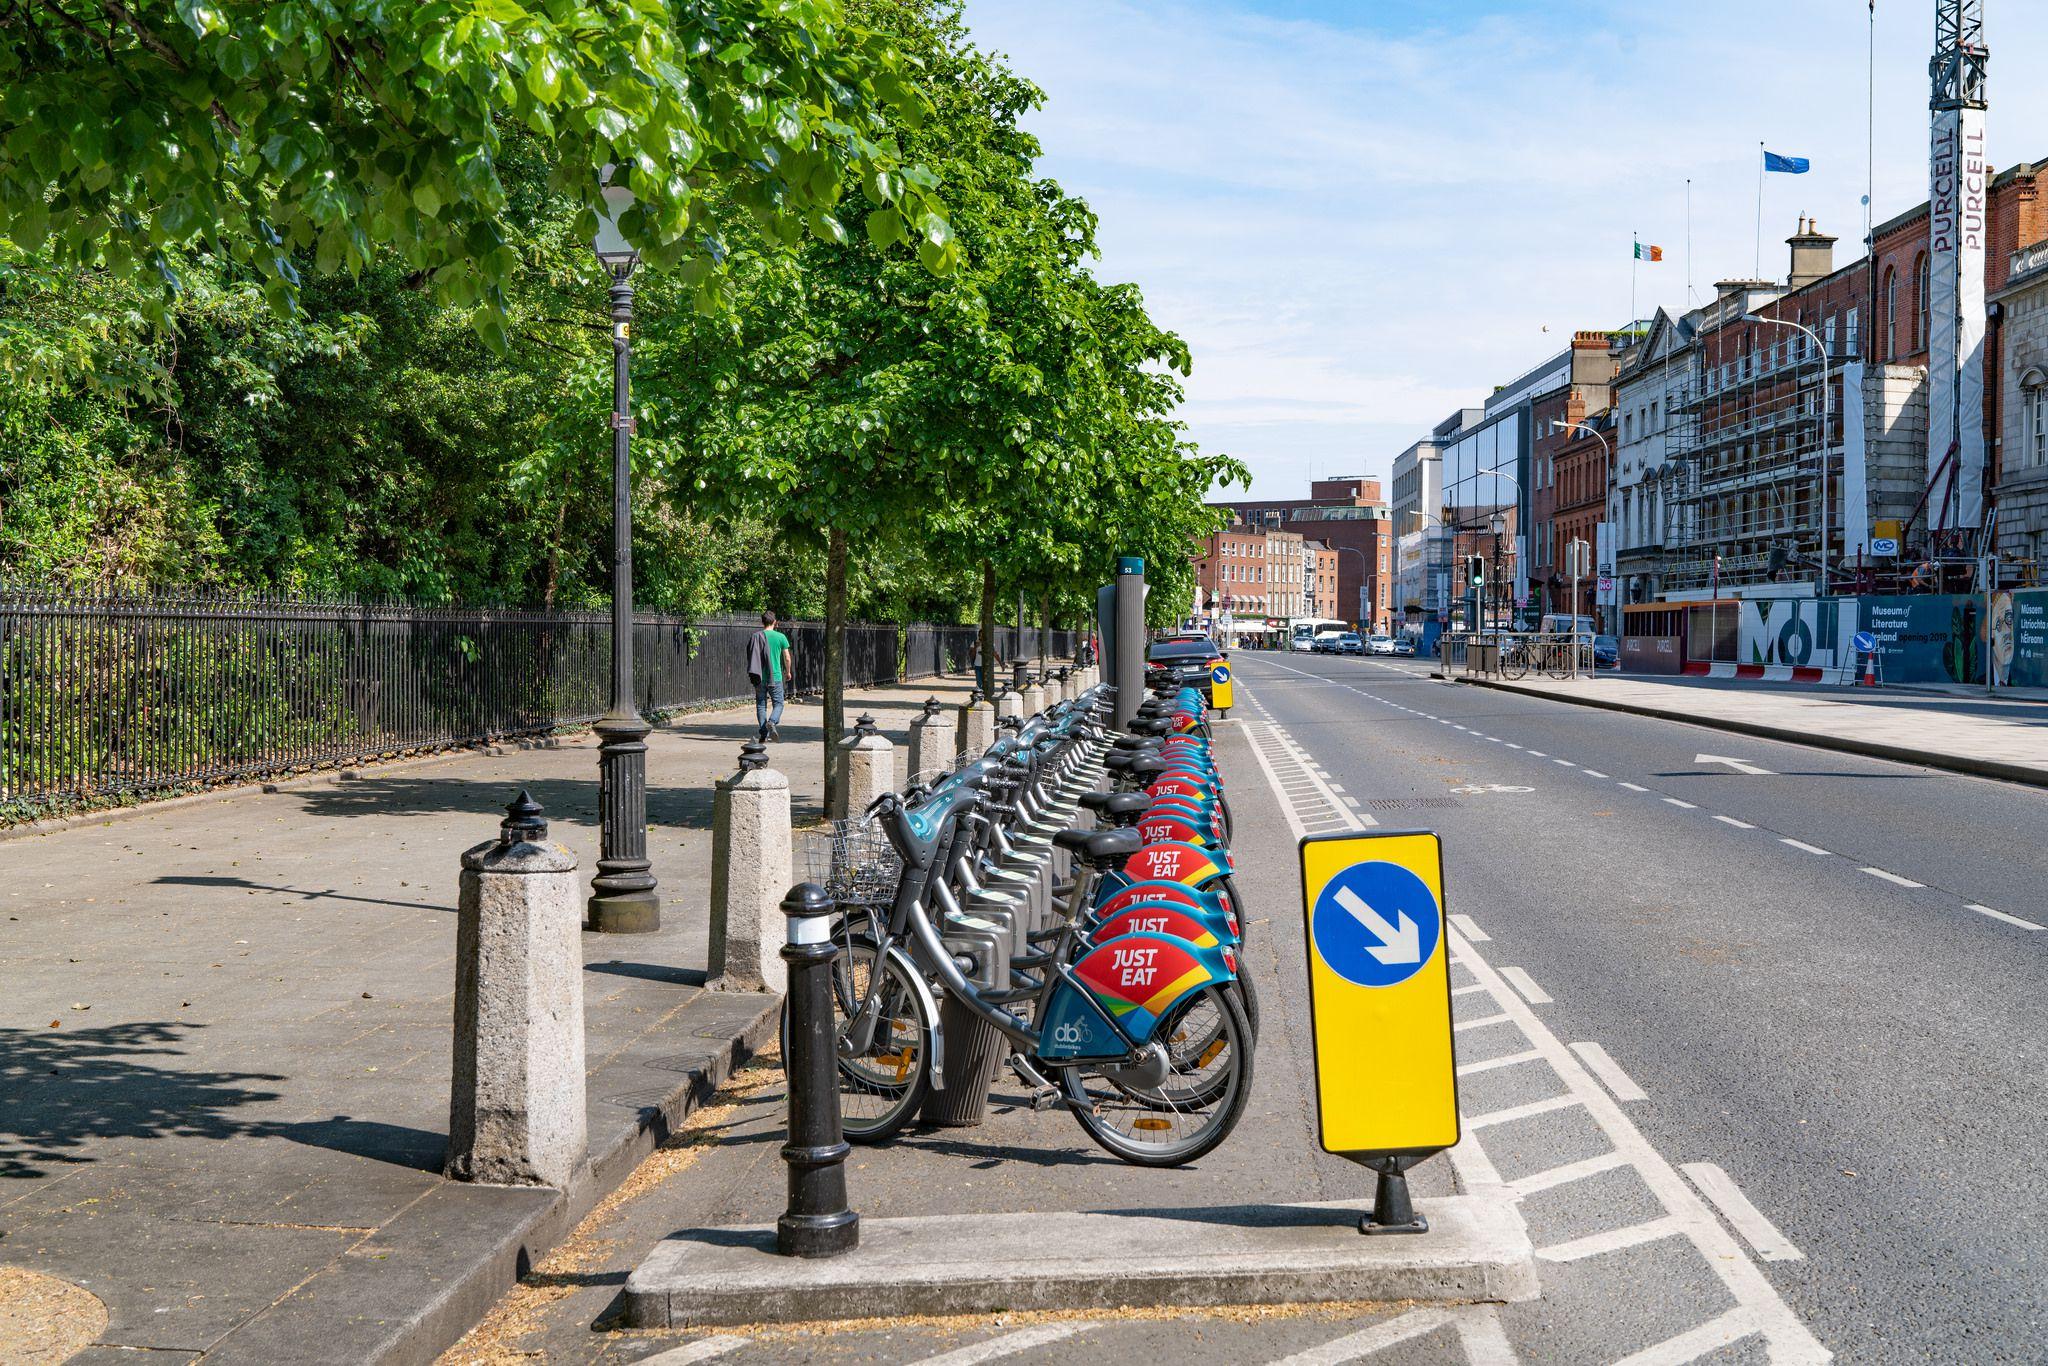 St Stephens Green neighborhood in Dublin